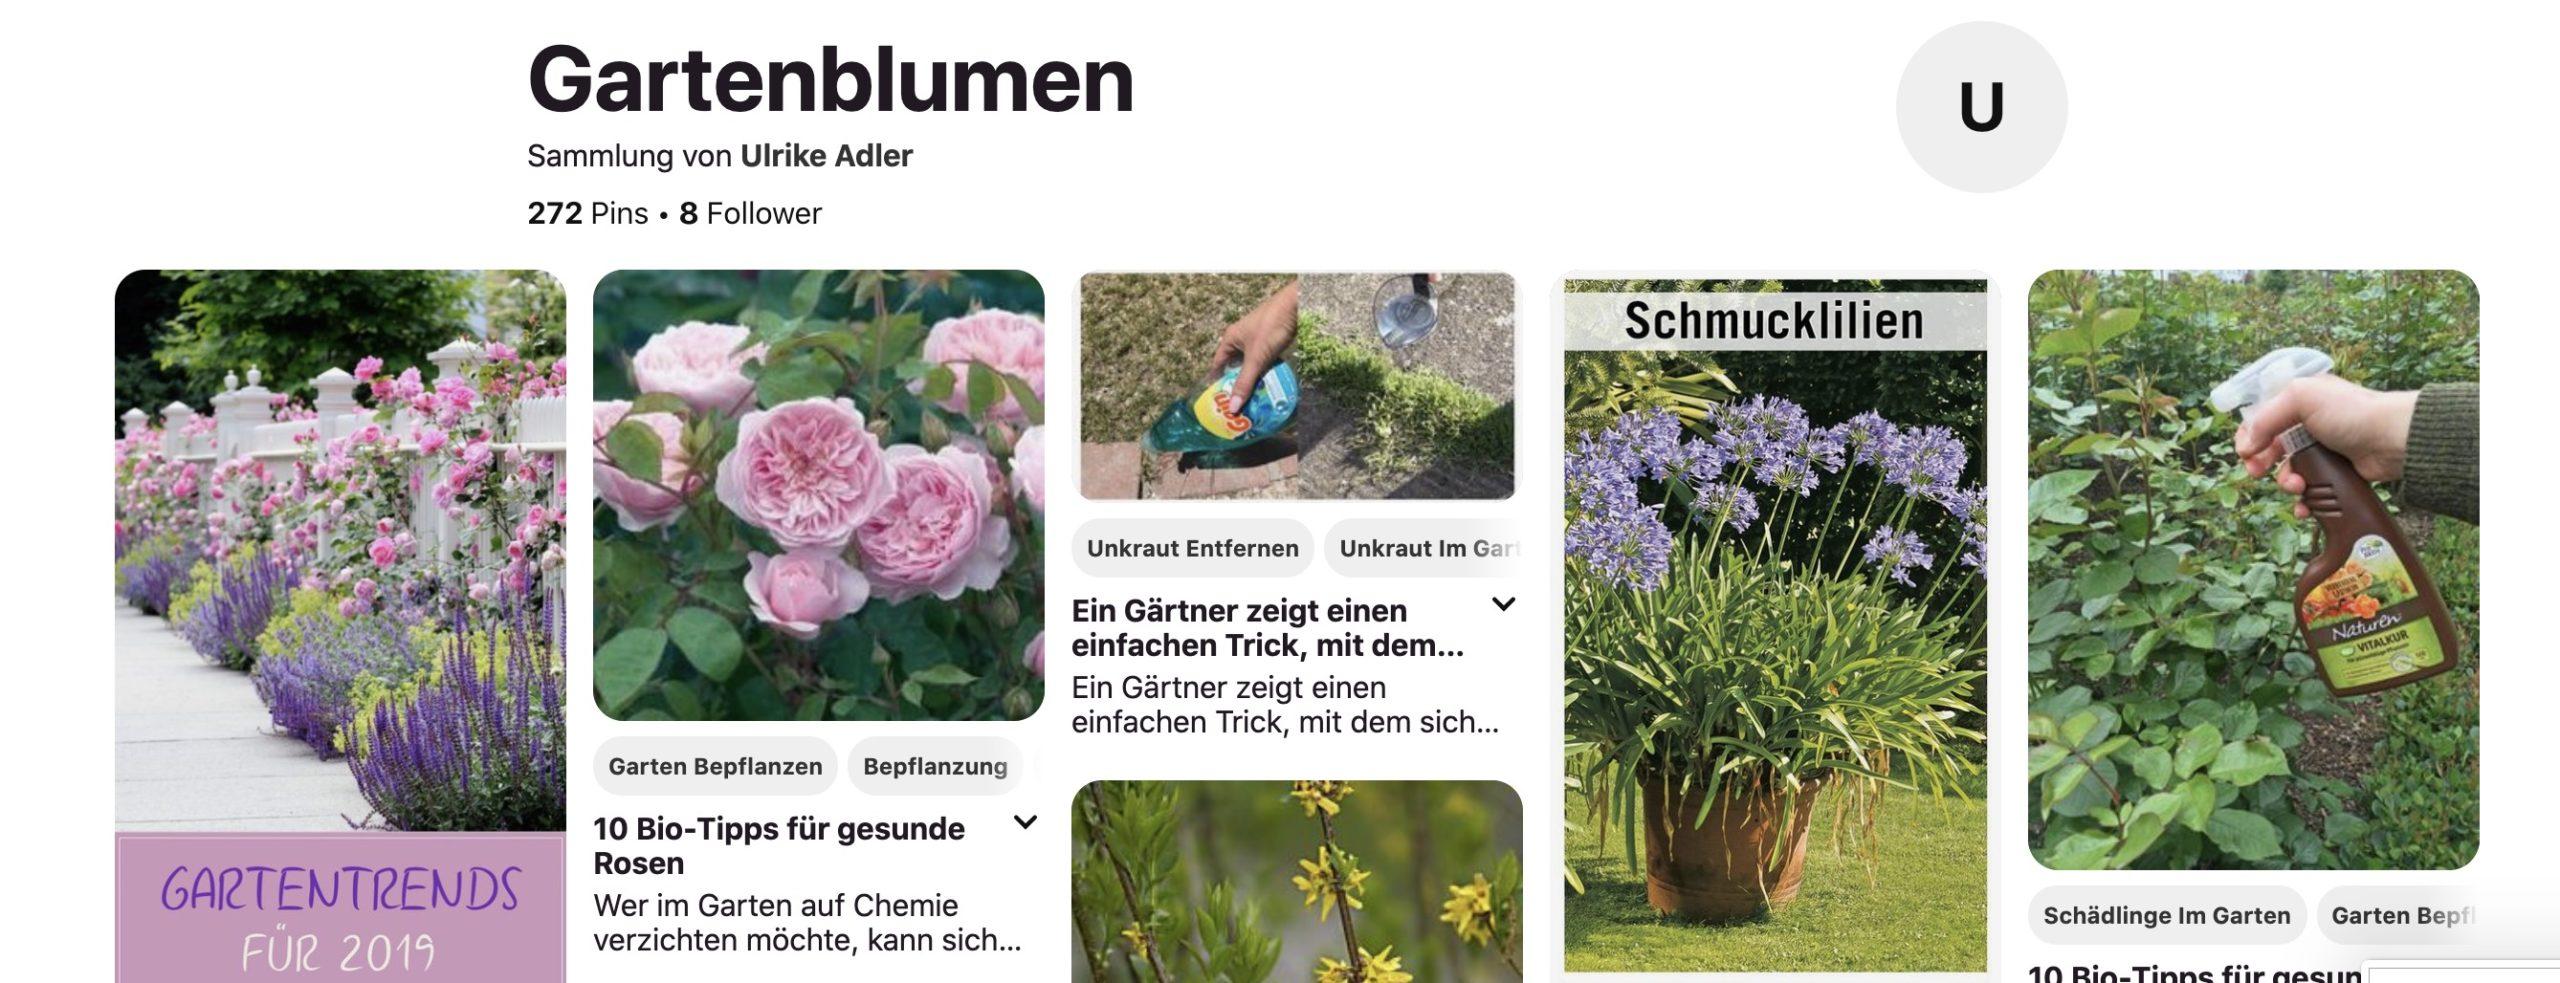 """Auf dem Bild ist ein Beispiel einer Pinterest-Suche nach """"Gartenblumen"""" zu sehen. Hierbei sieht man deutlich, dass alle Thumbnails die gleiche Breite haben und nur in ihrer Höhe variieren."""